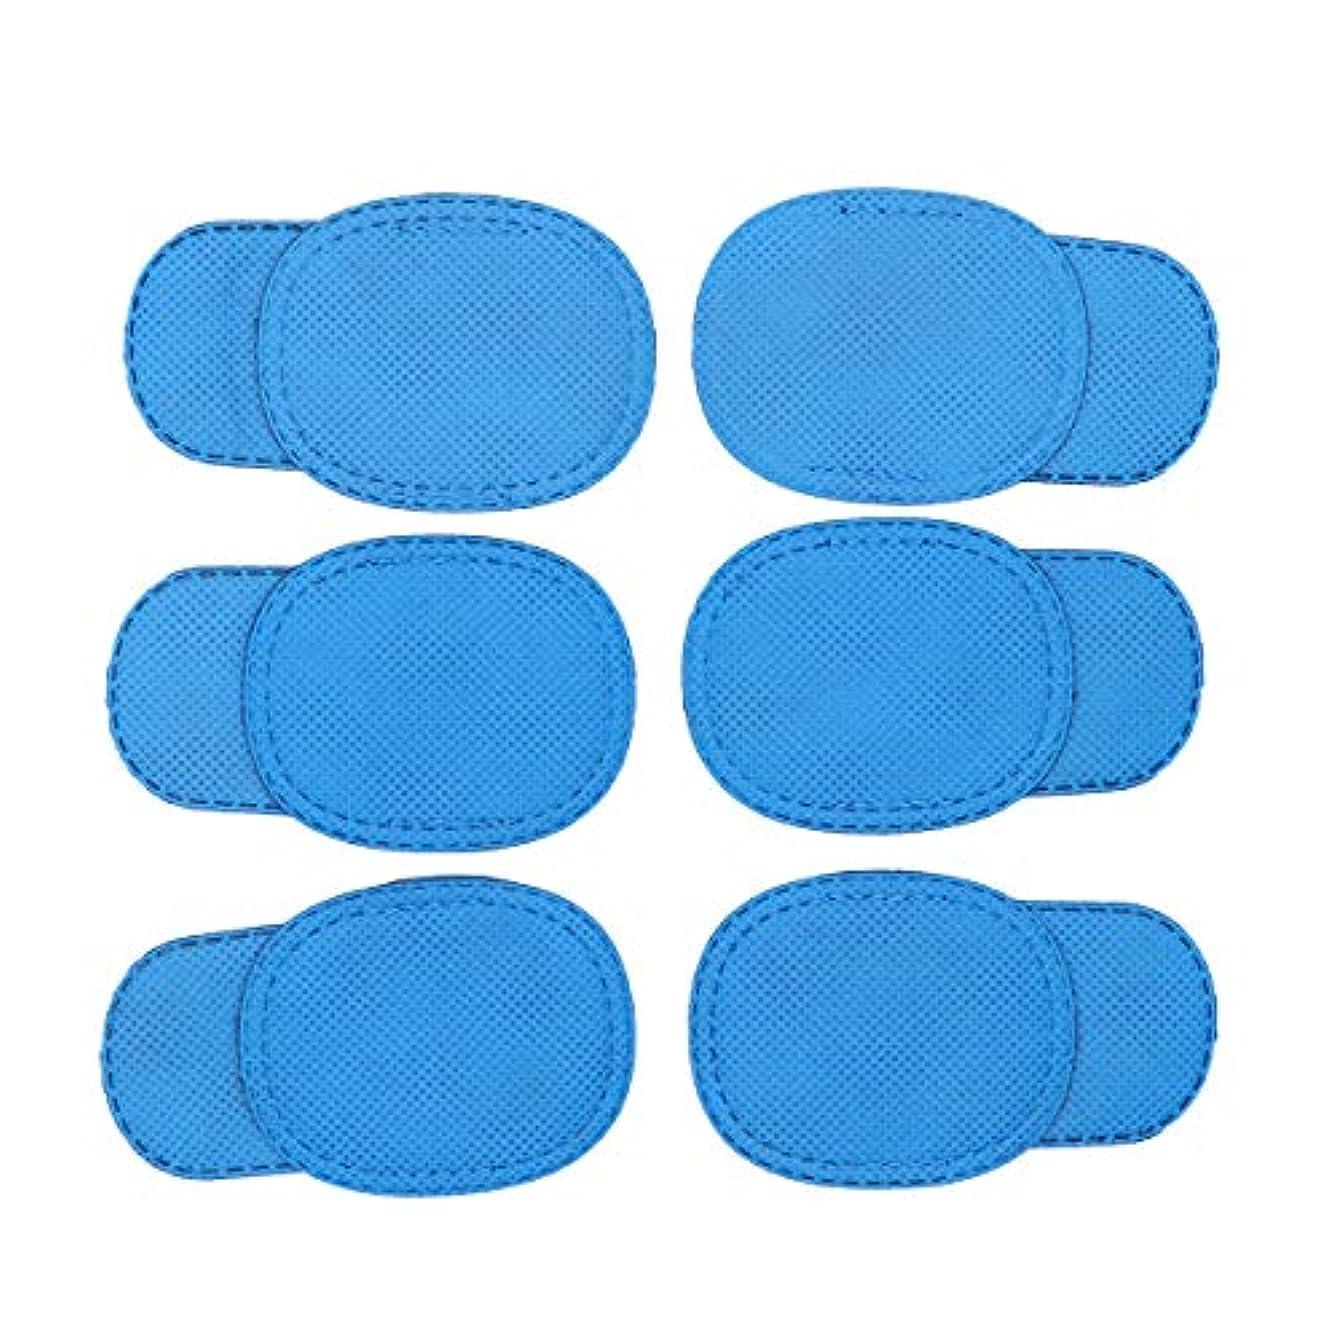 検出器リブ事故Healifty メガネのための12個の弱視アイパッチは子供のための怠惰な目と斜視を扱います子供(ブルー)